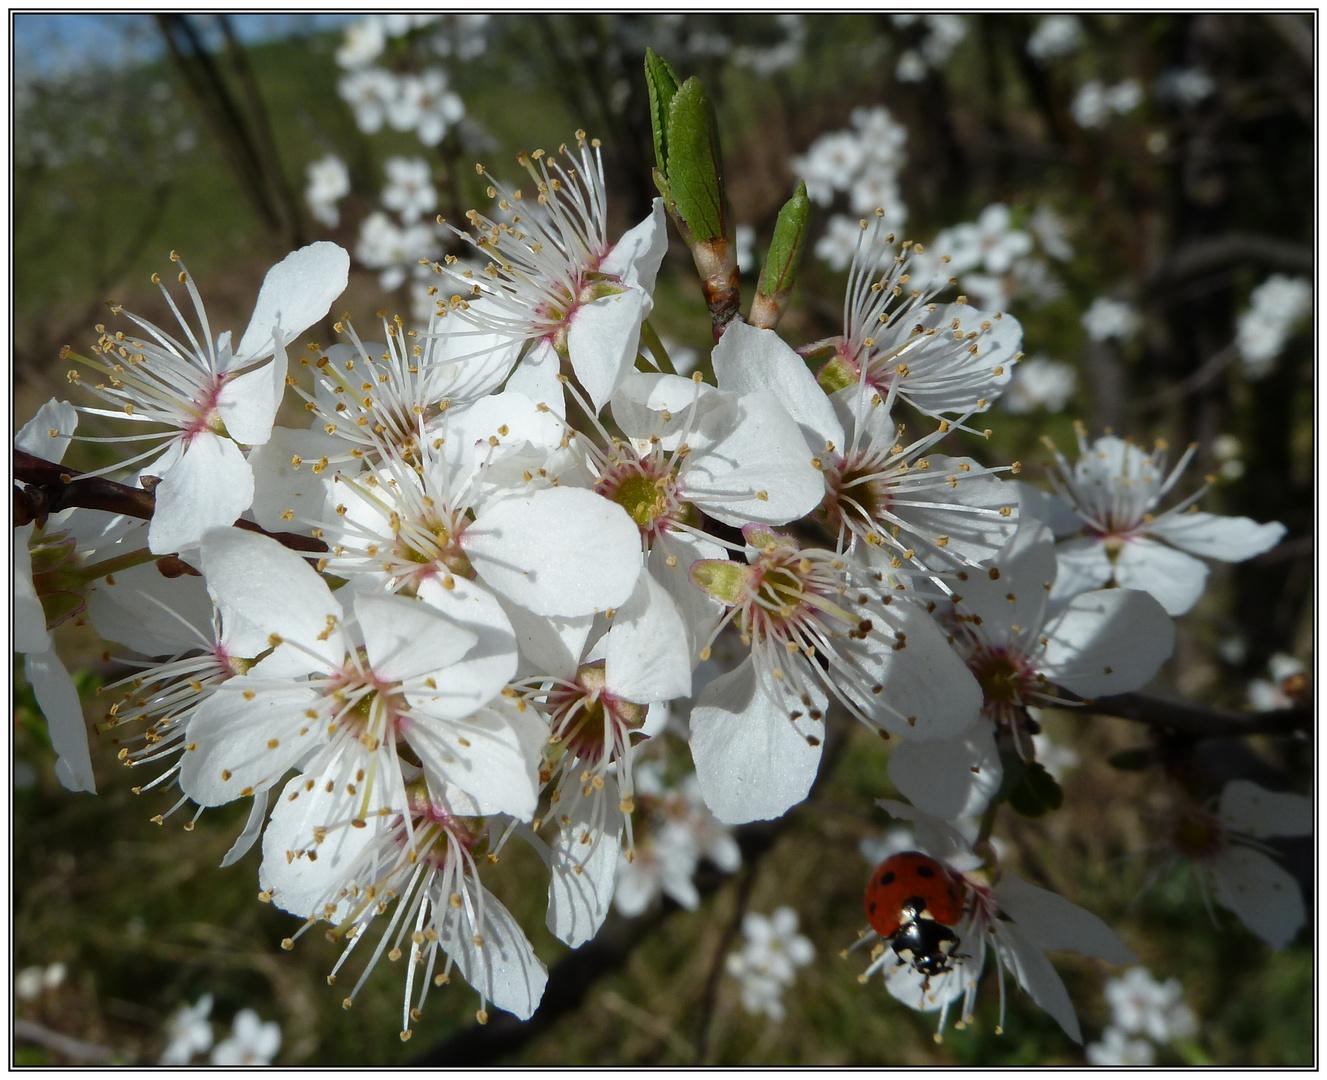 ... und er kommt doch - der Frühling